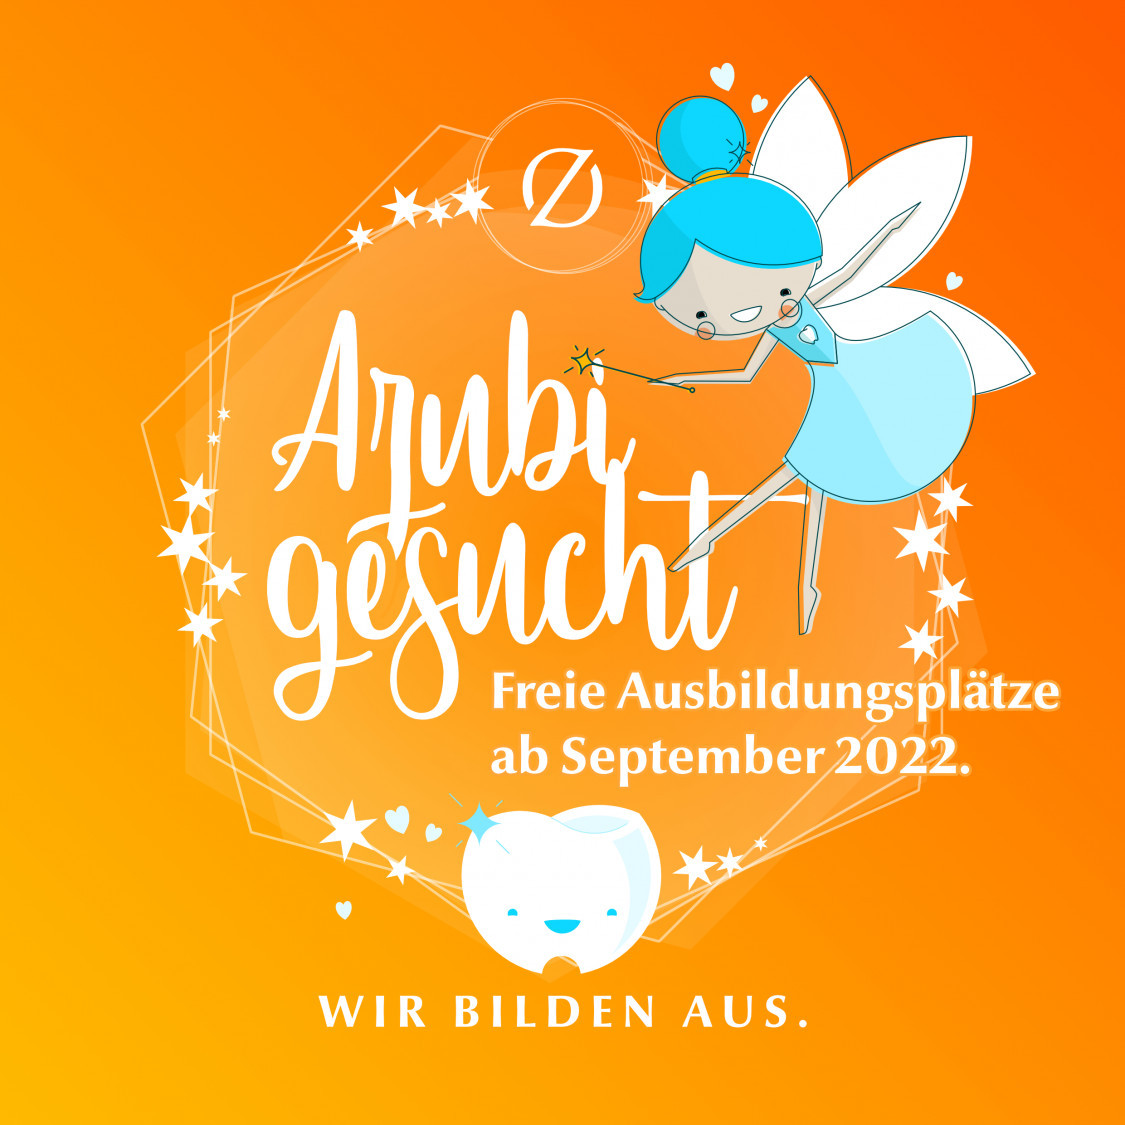 Azubi ab September 2022 gesucht! – Die Zahnärzte im Odenheimer Hof – Leingarten (Heilbronn) - Dr. Alexander Mitsch M.Sc. & Dr. Jan Felix Hartl M.Sc.